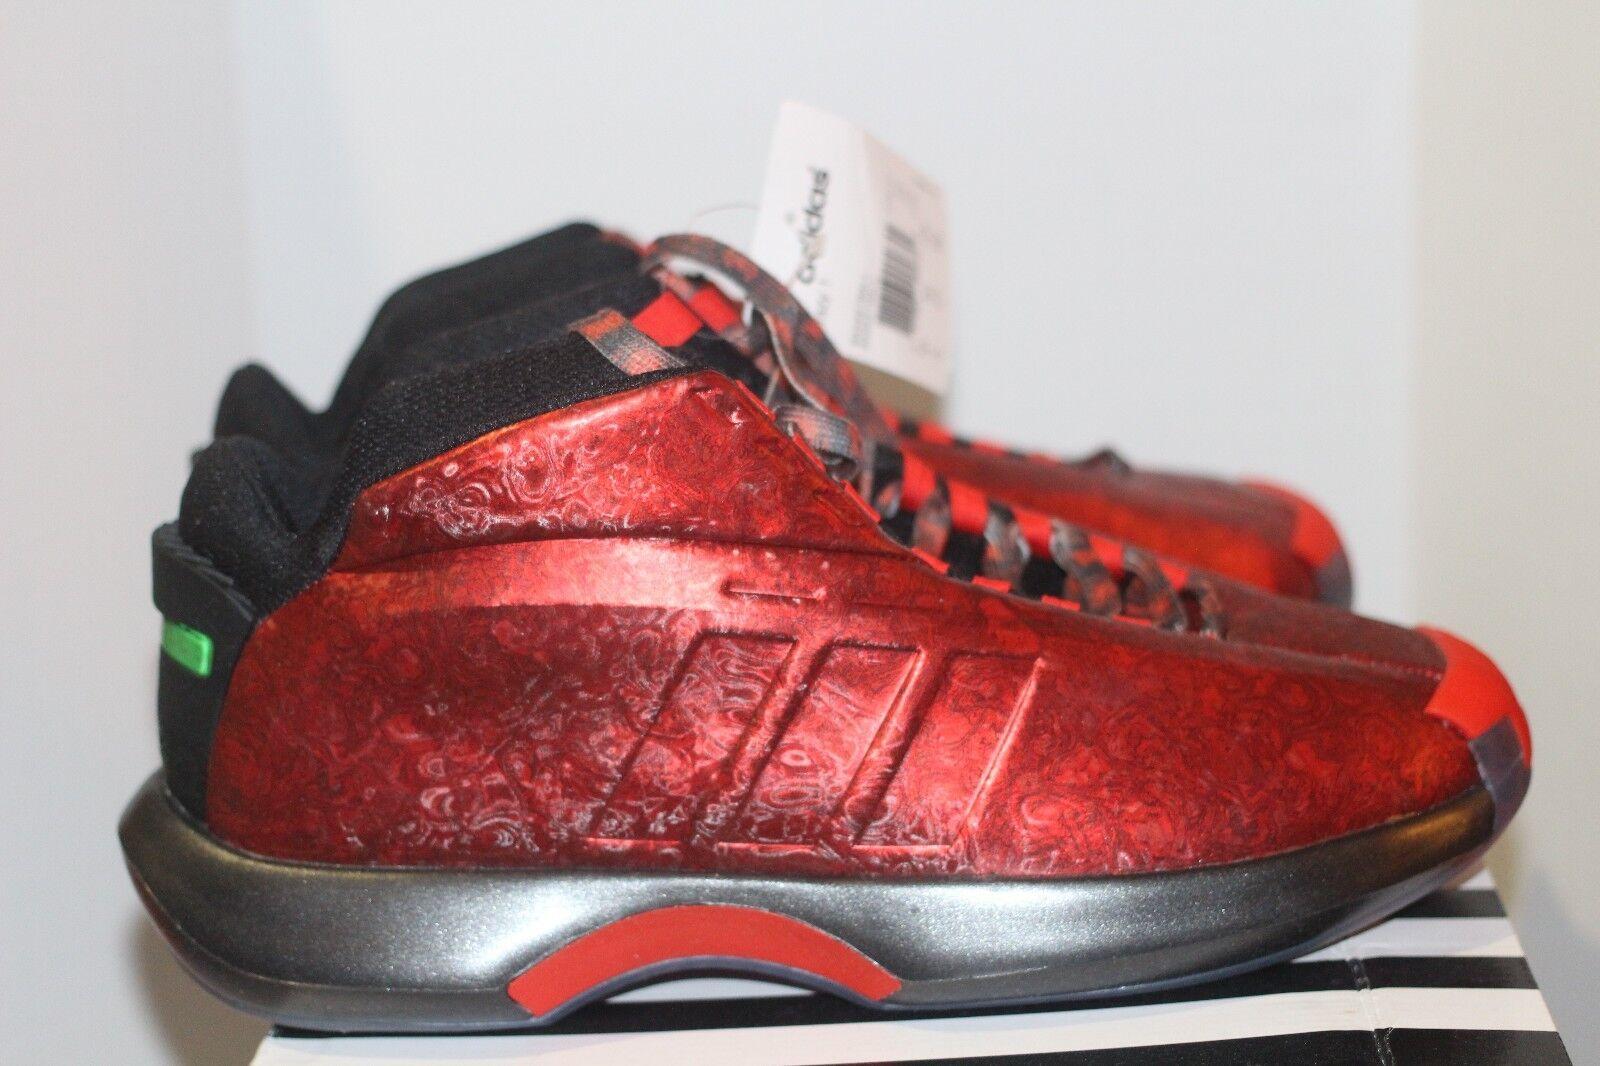 Adidas Crazy 1 Damien Lillard SZ 9 W Receipt Florist City Portland Trailblazers